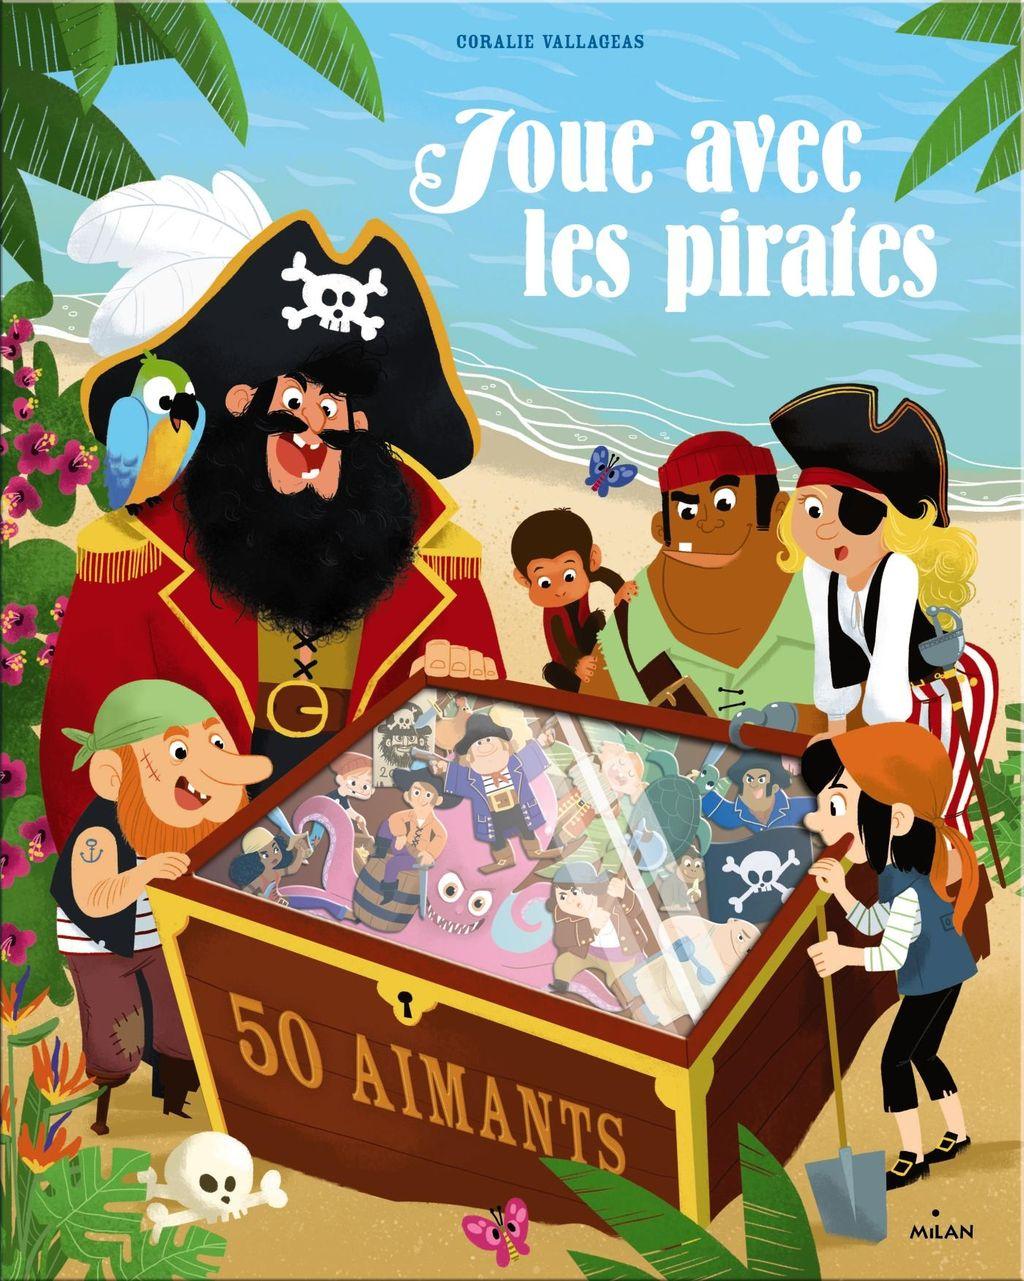 Couverture de «Joue avec les pirates – 50 aimants»